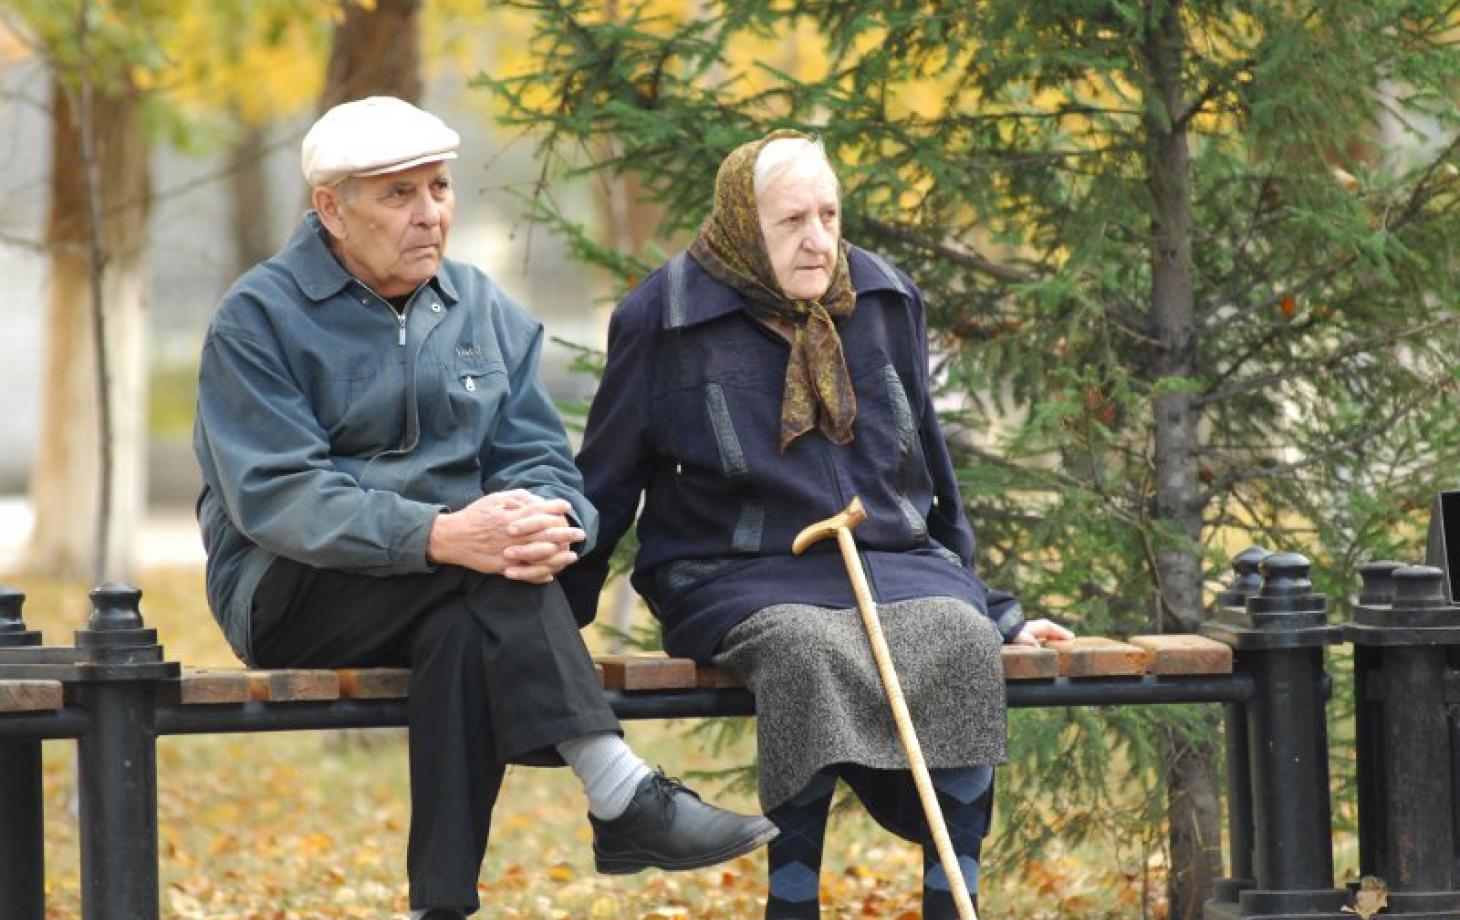 Добавят пенсию военным пенсионерам и когда